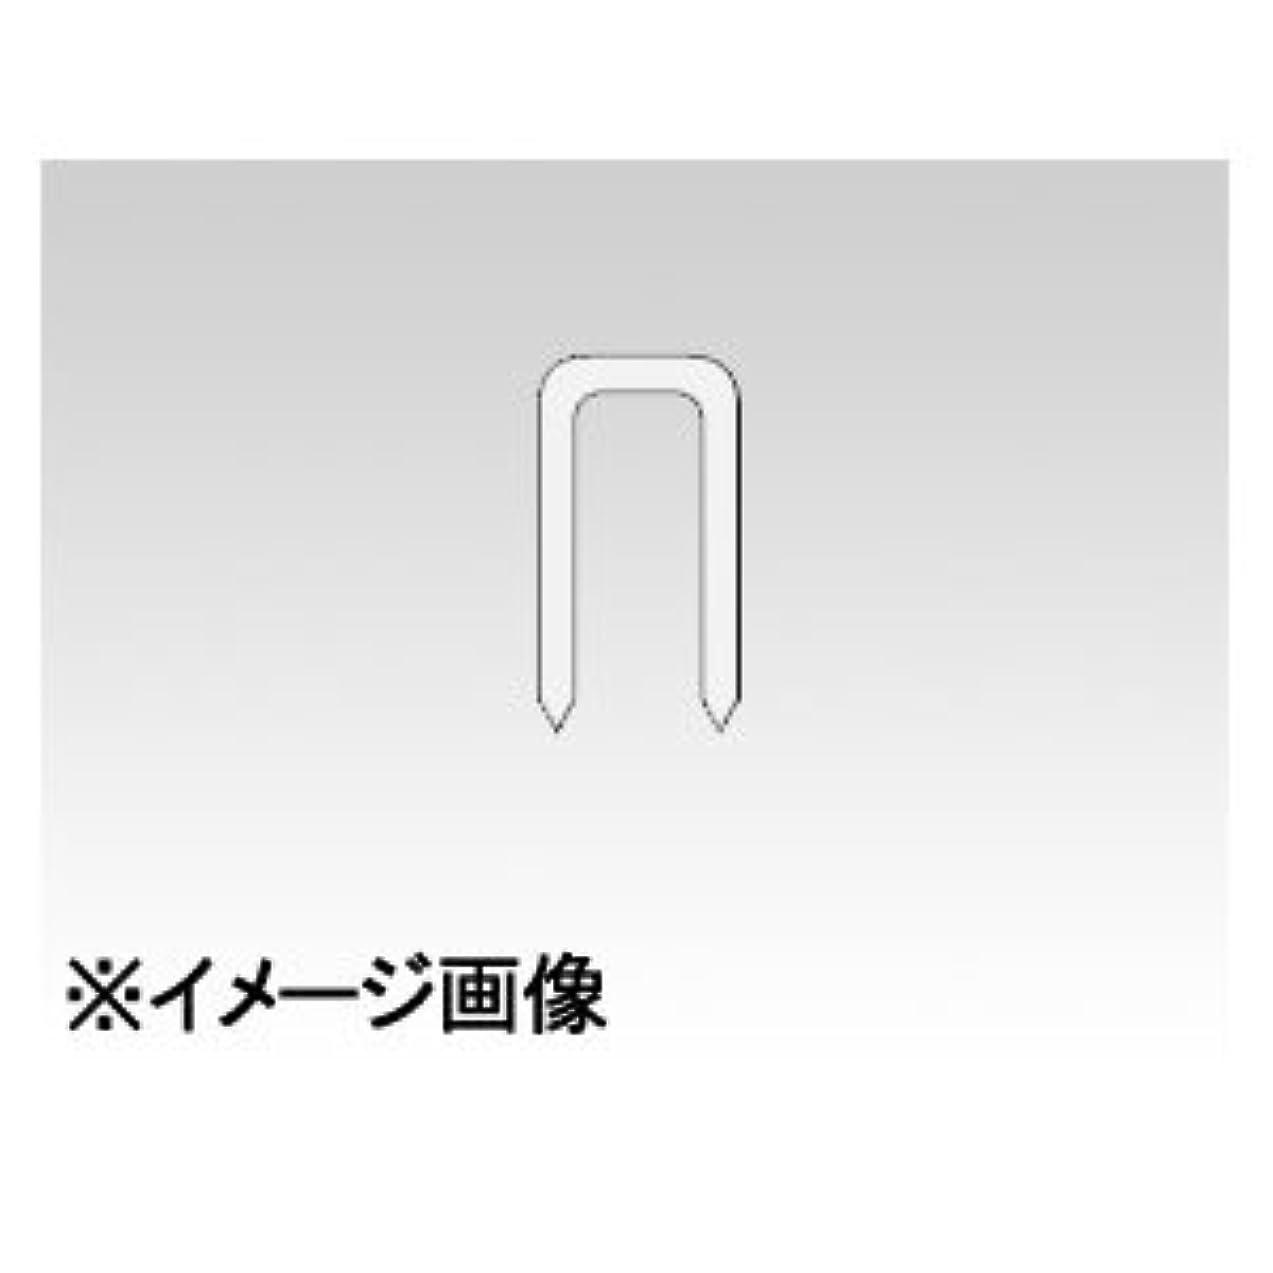 韓国語セマフォ競合他社選手日立工機 タッカ用ステープル (B0716) (2000本入×1箱)